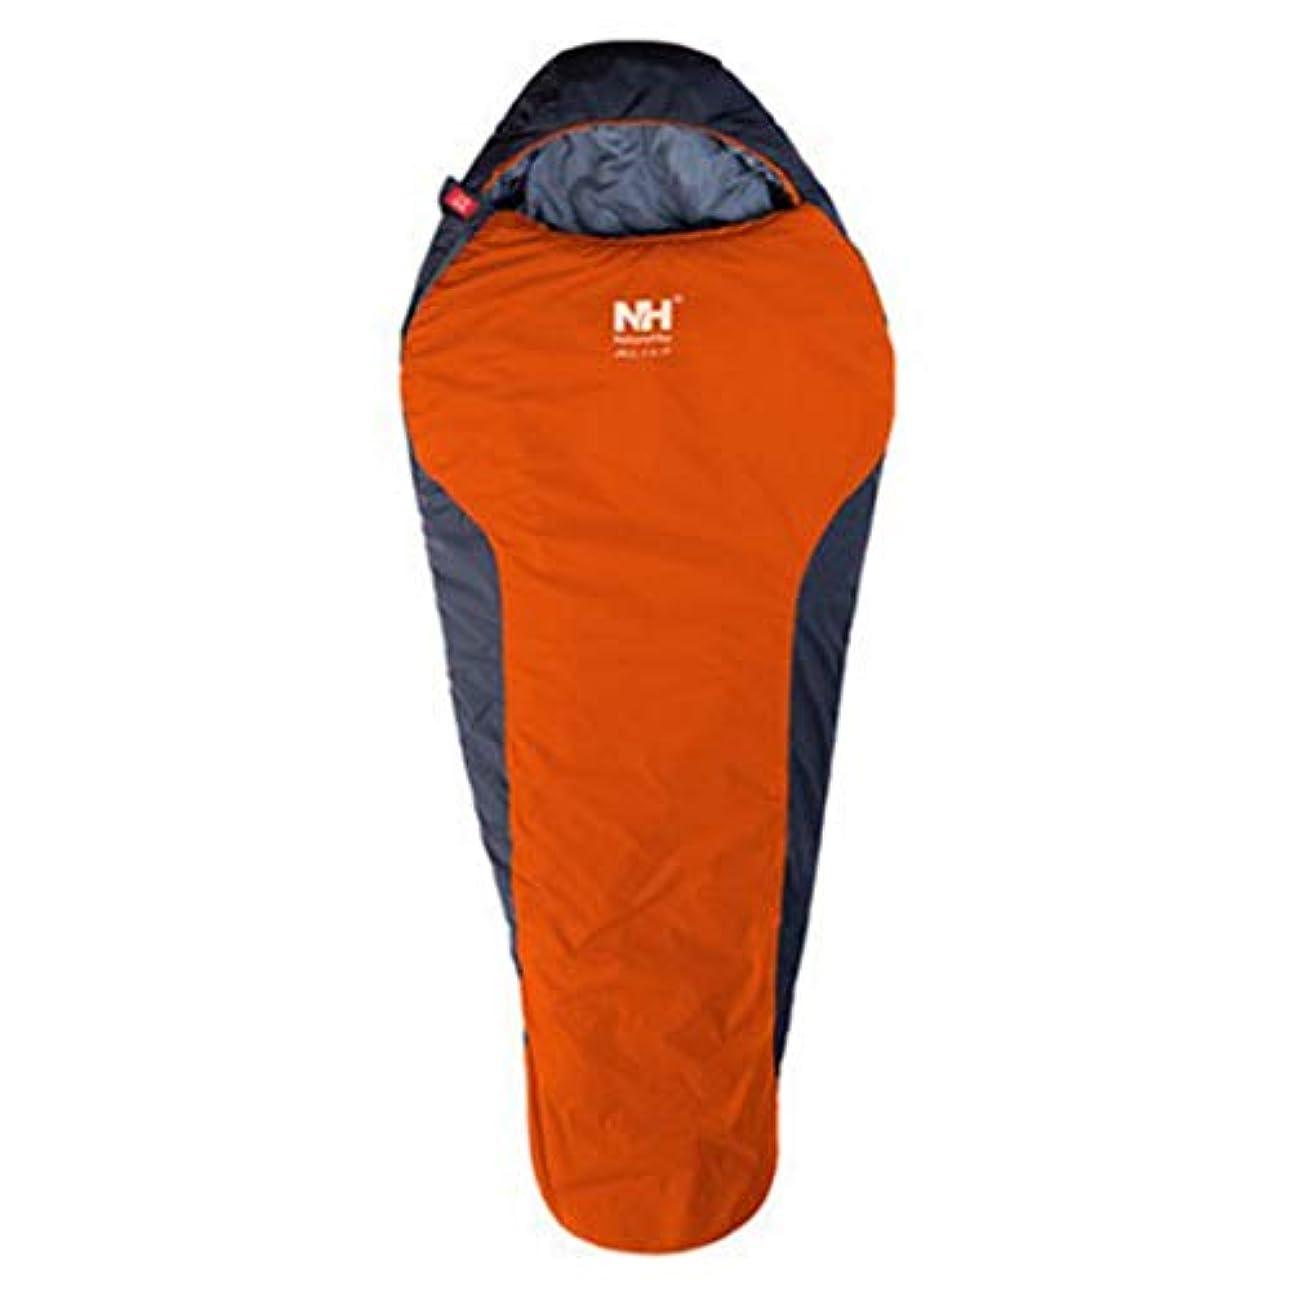 整理するうがい反逆ノウ建材貿易 屋外多機能と便利な封筒寝袋 (色 : オレンジ)